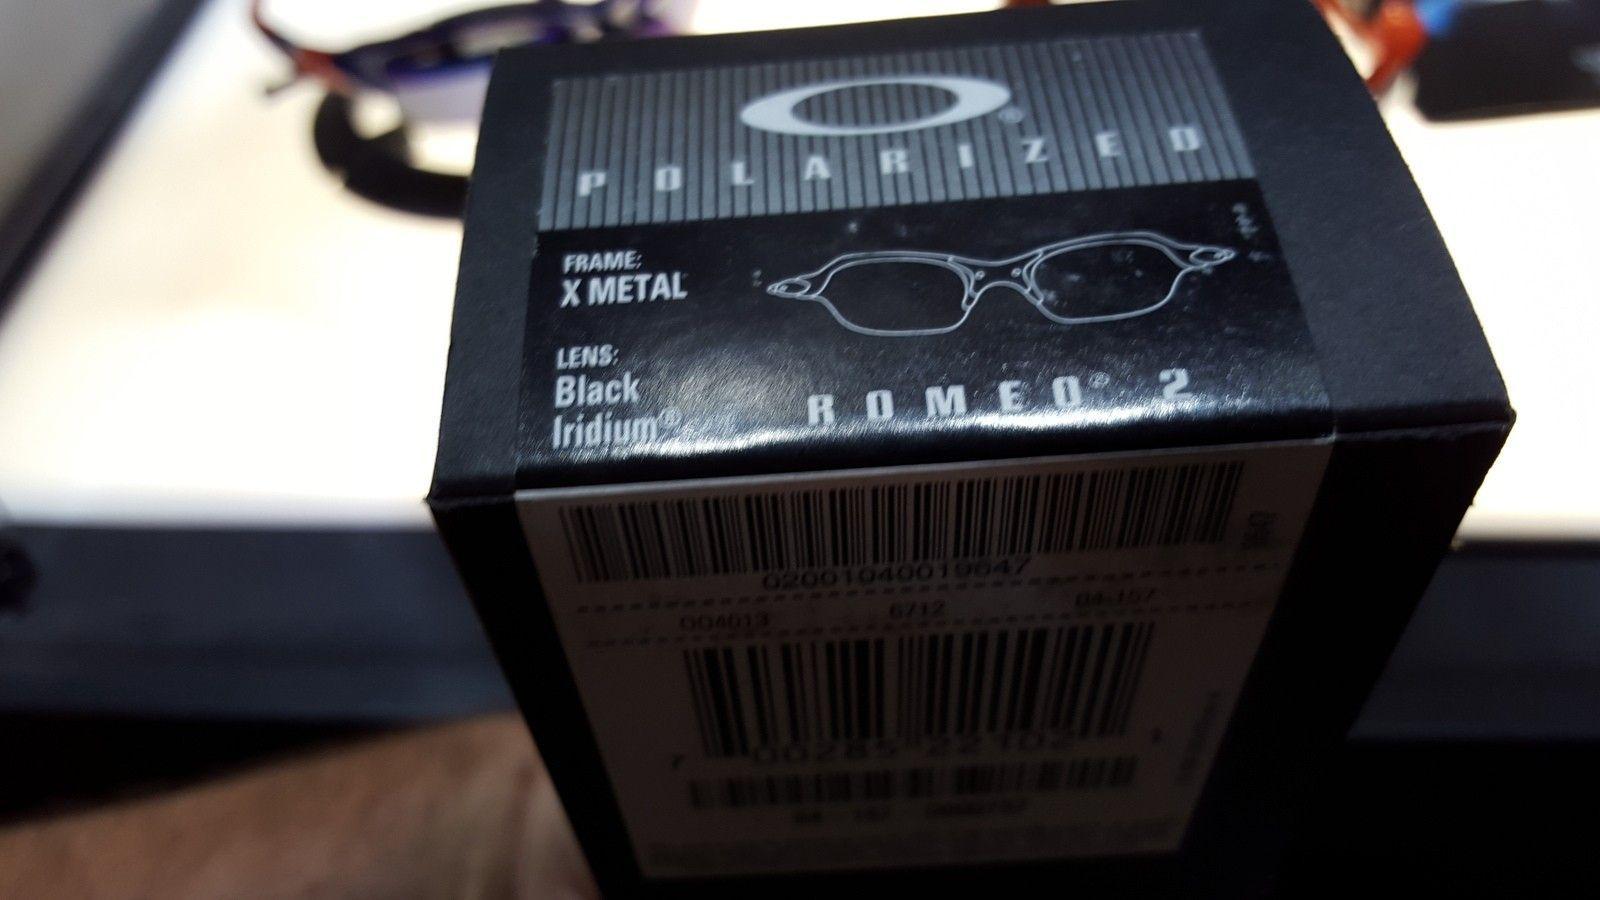 Oakley Romeo 2 w/ Medusa Coin - uploadfromtaptalk1449684844158.jpeg